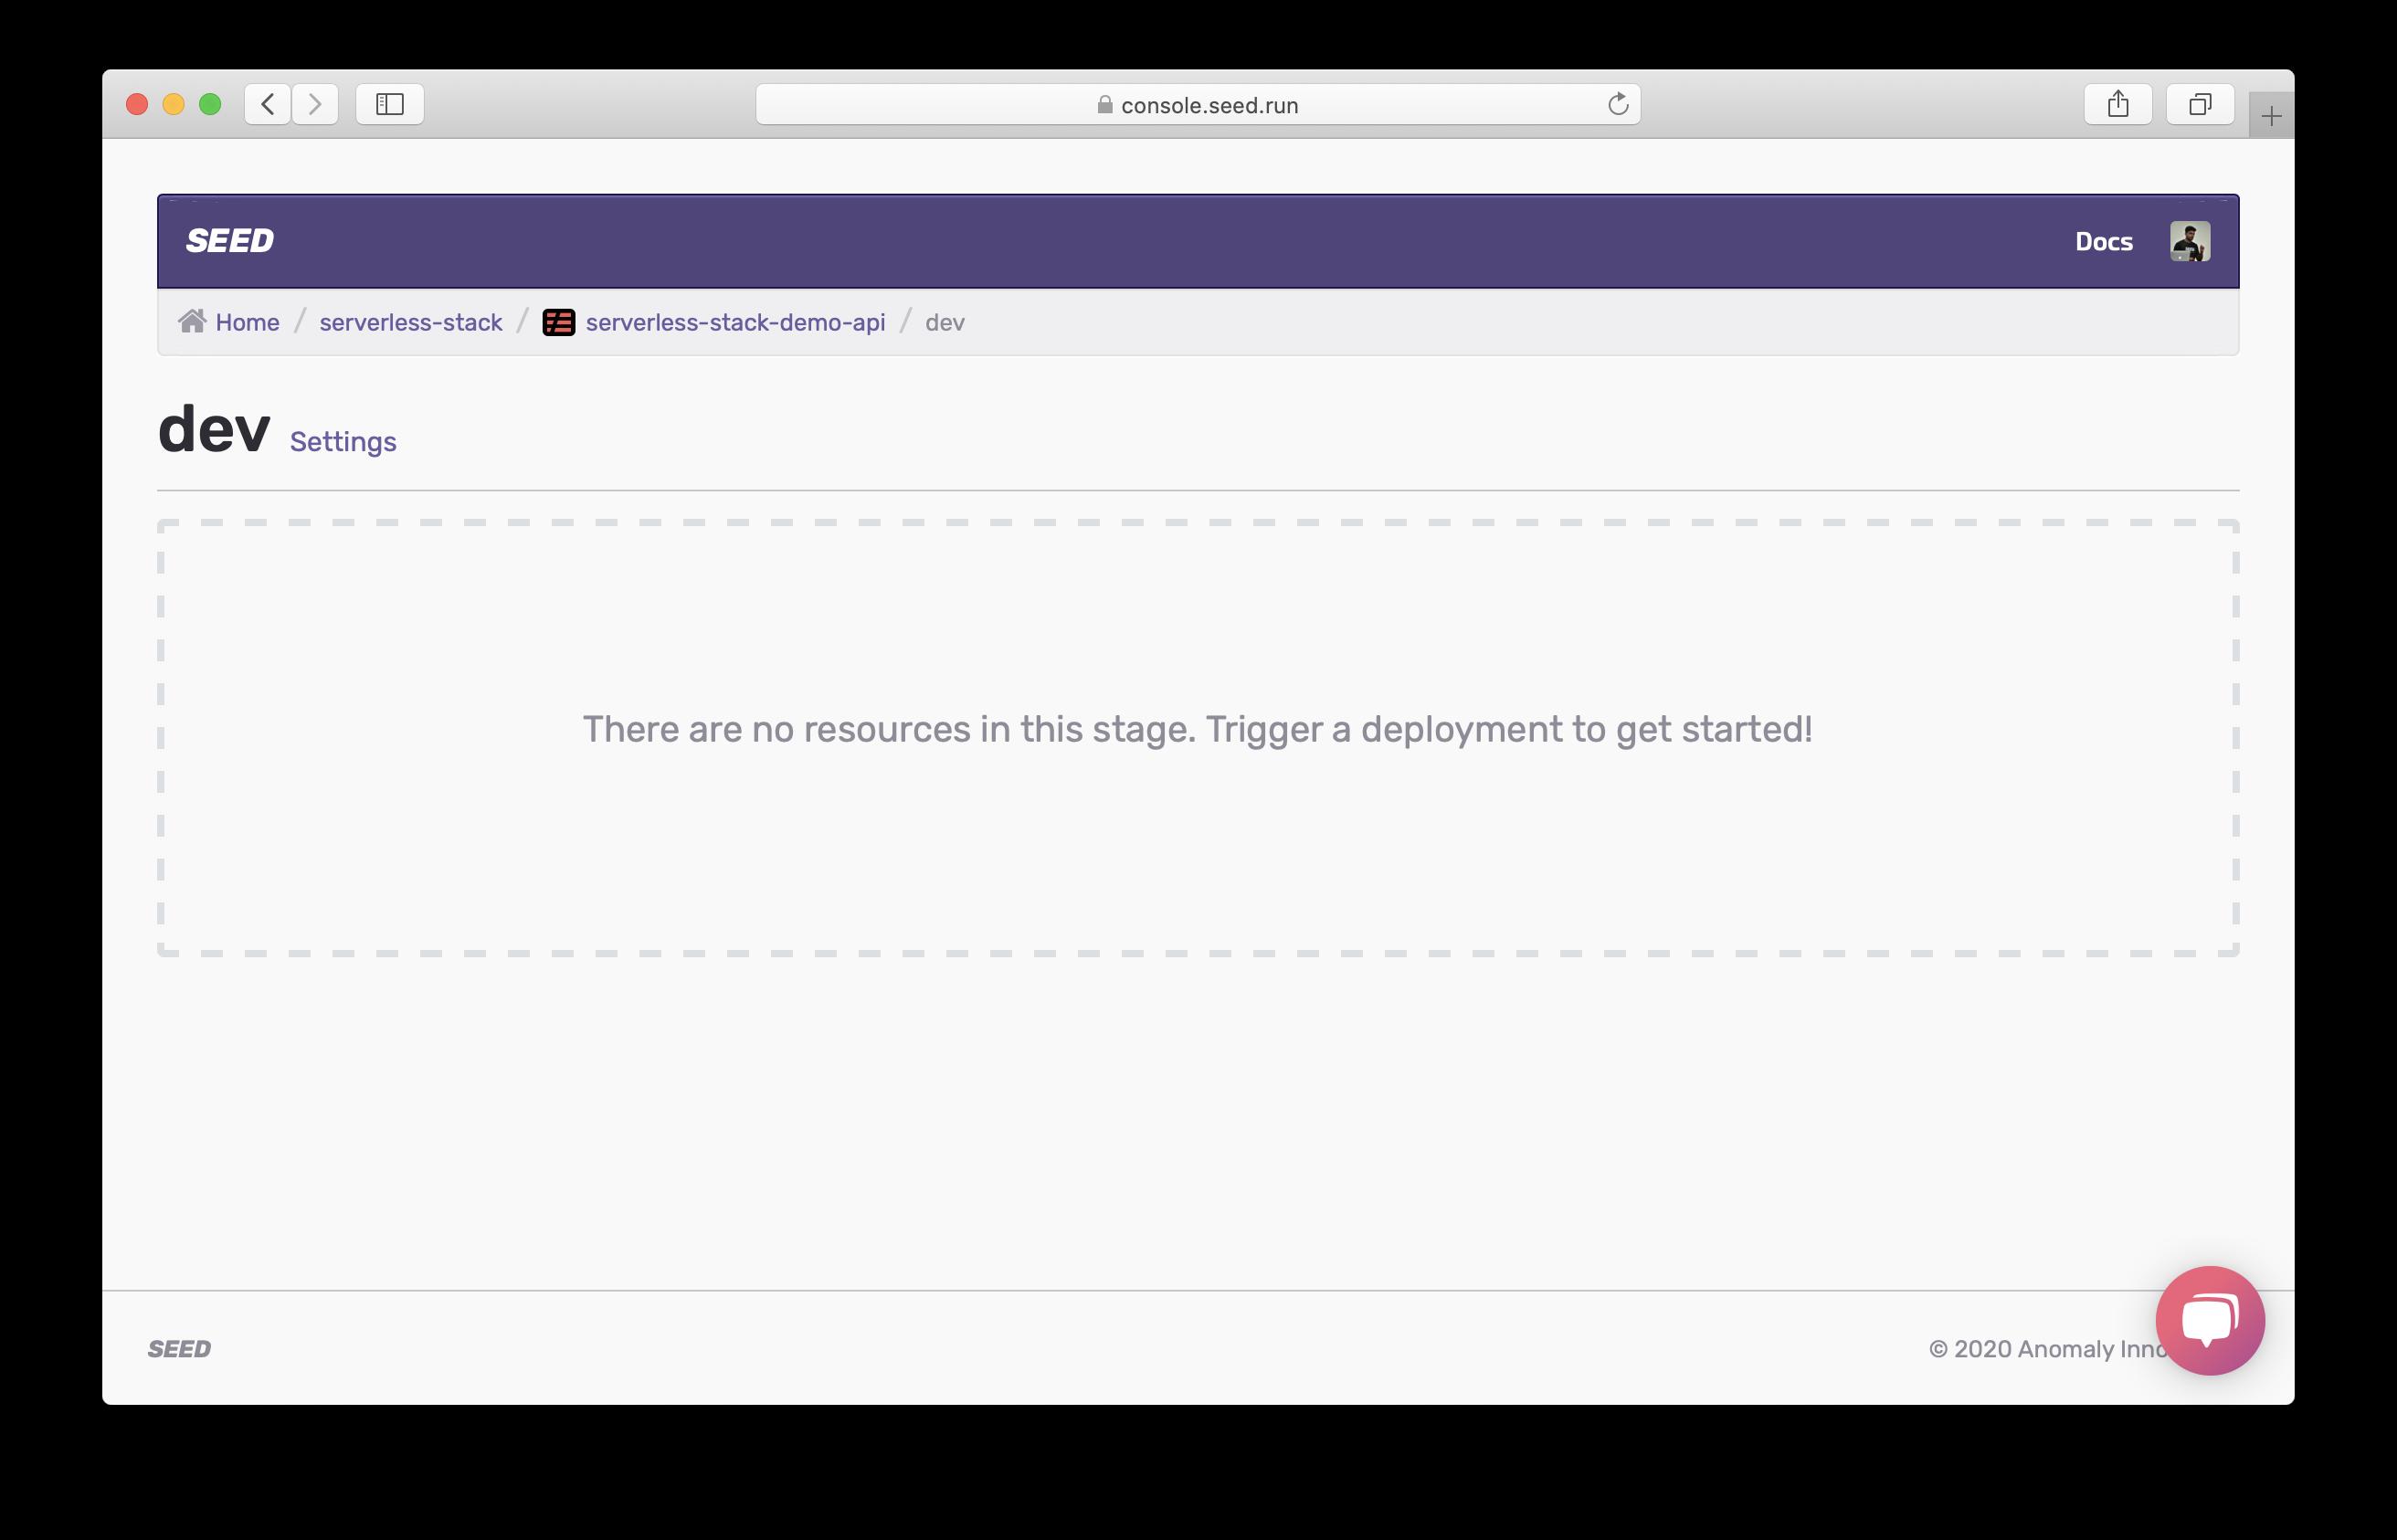 Seed 프로젝트의 개발 stage 화면